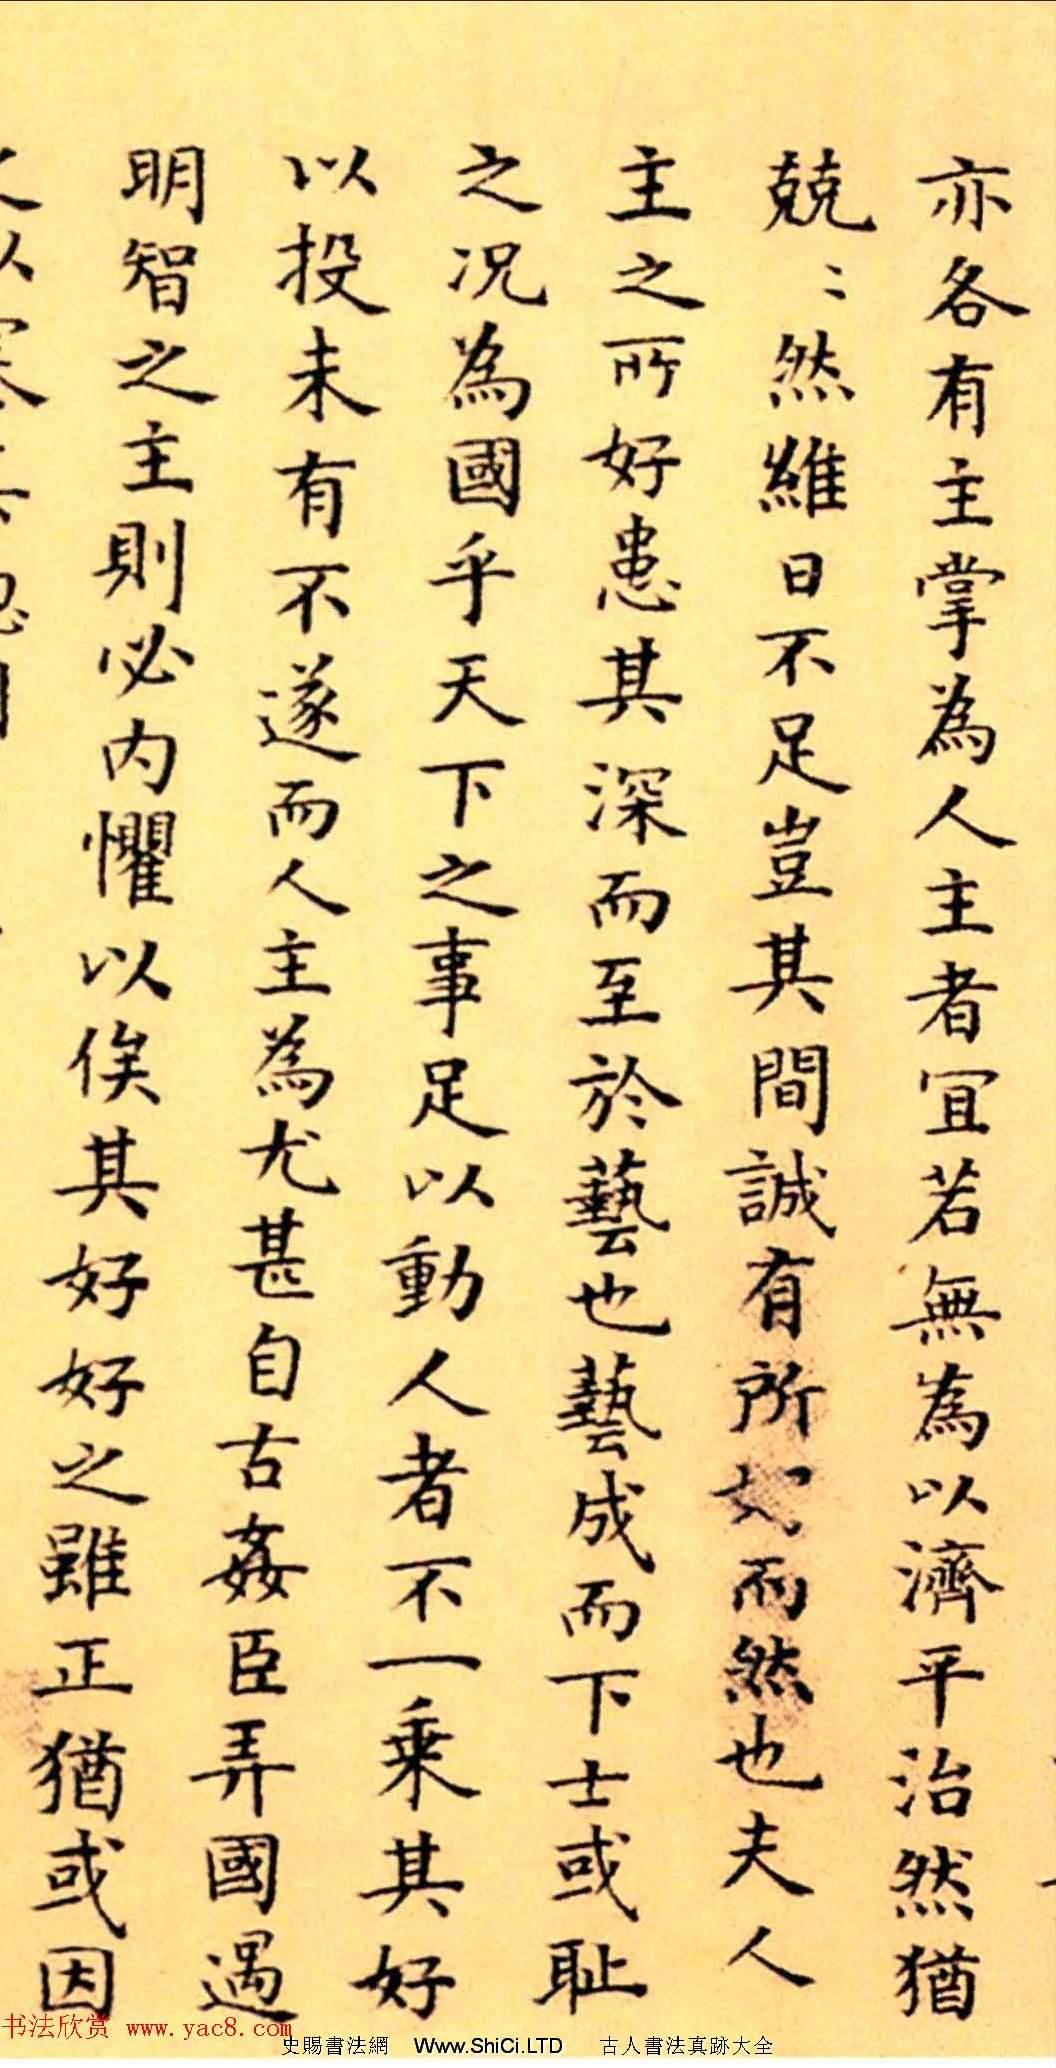 趙構楷書《徽宗文集序》附文征明父子三人題跋